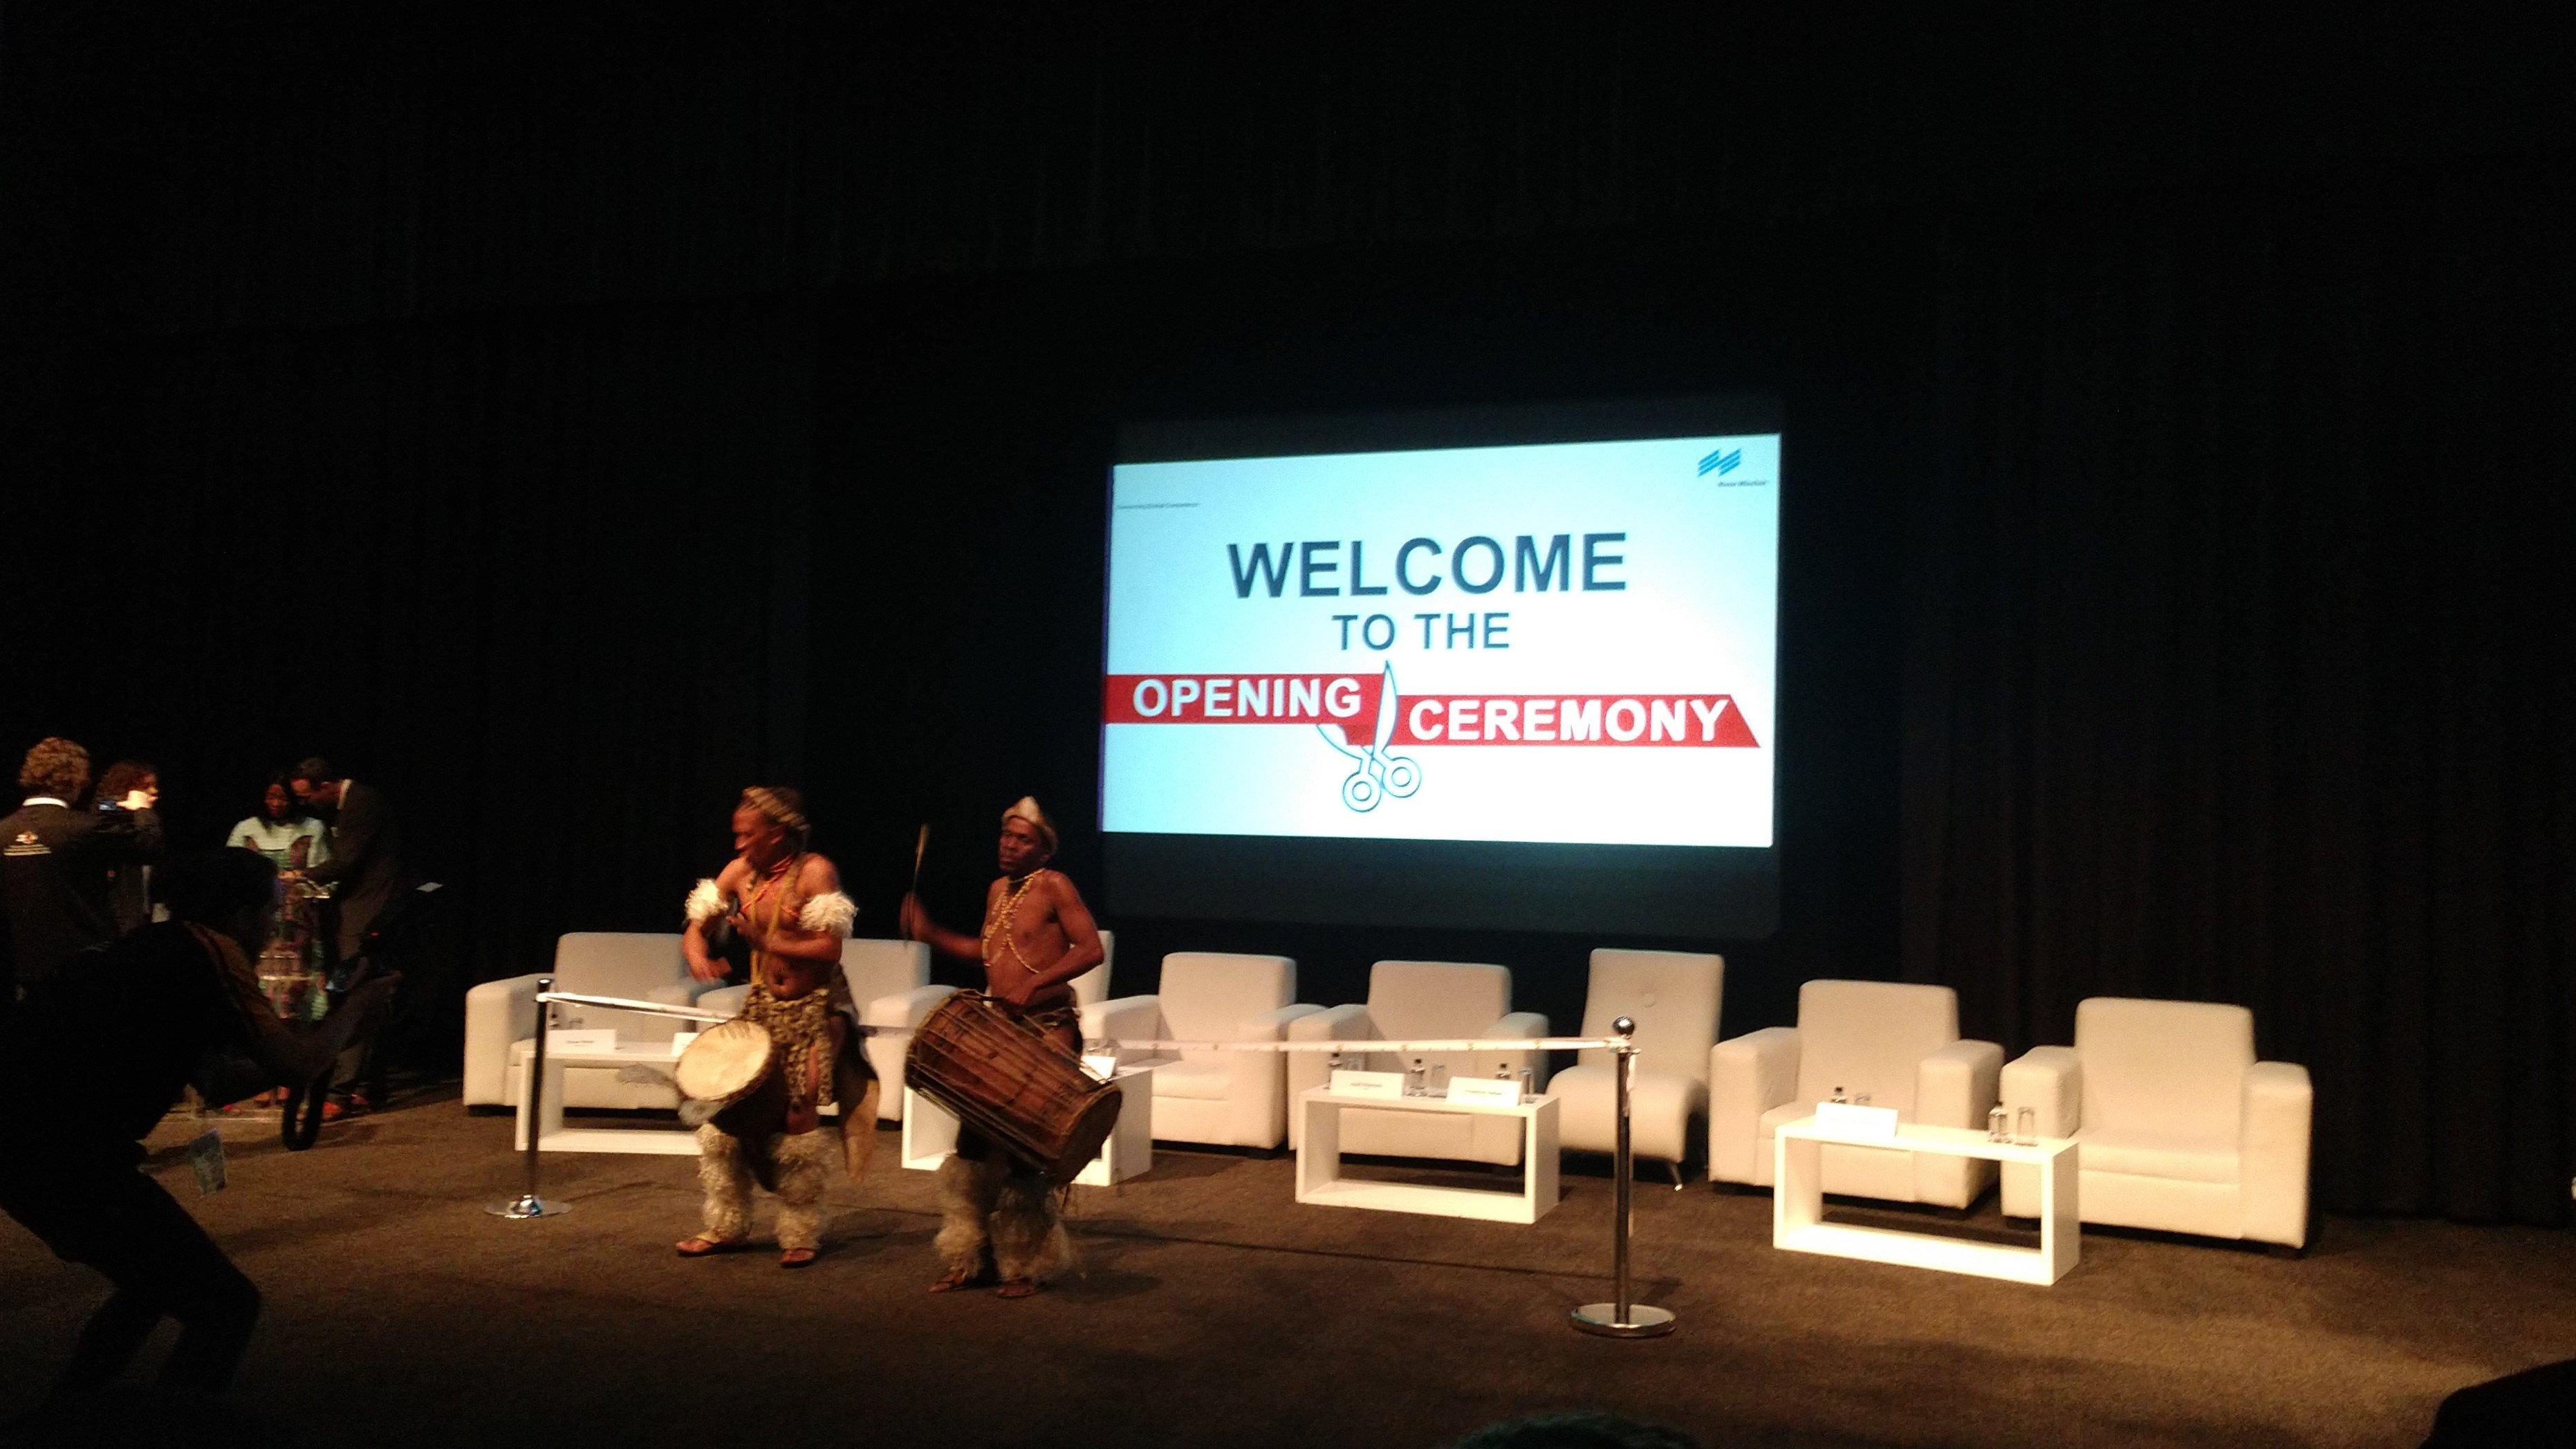 Trommel-Performance auf der Eröffnungsveranstaltung der Analytica Lab 2019 in Südafrika